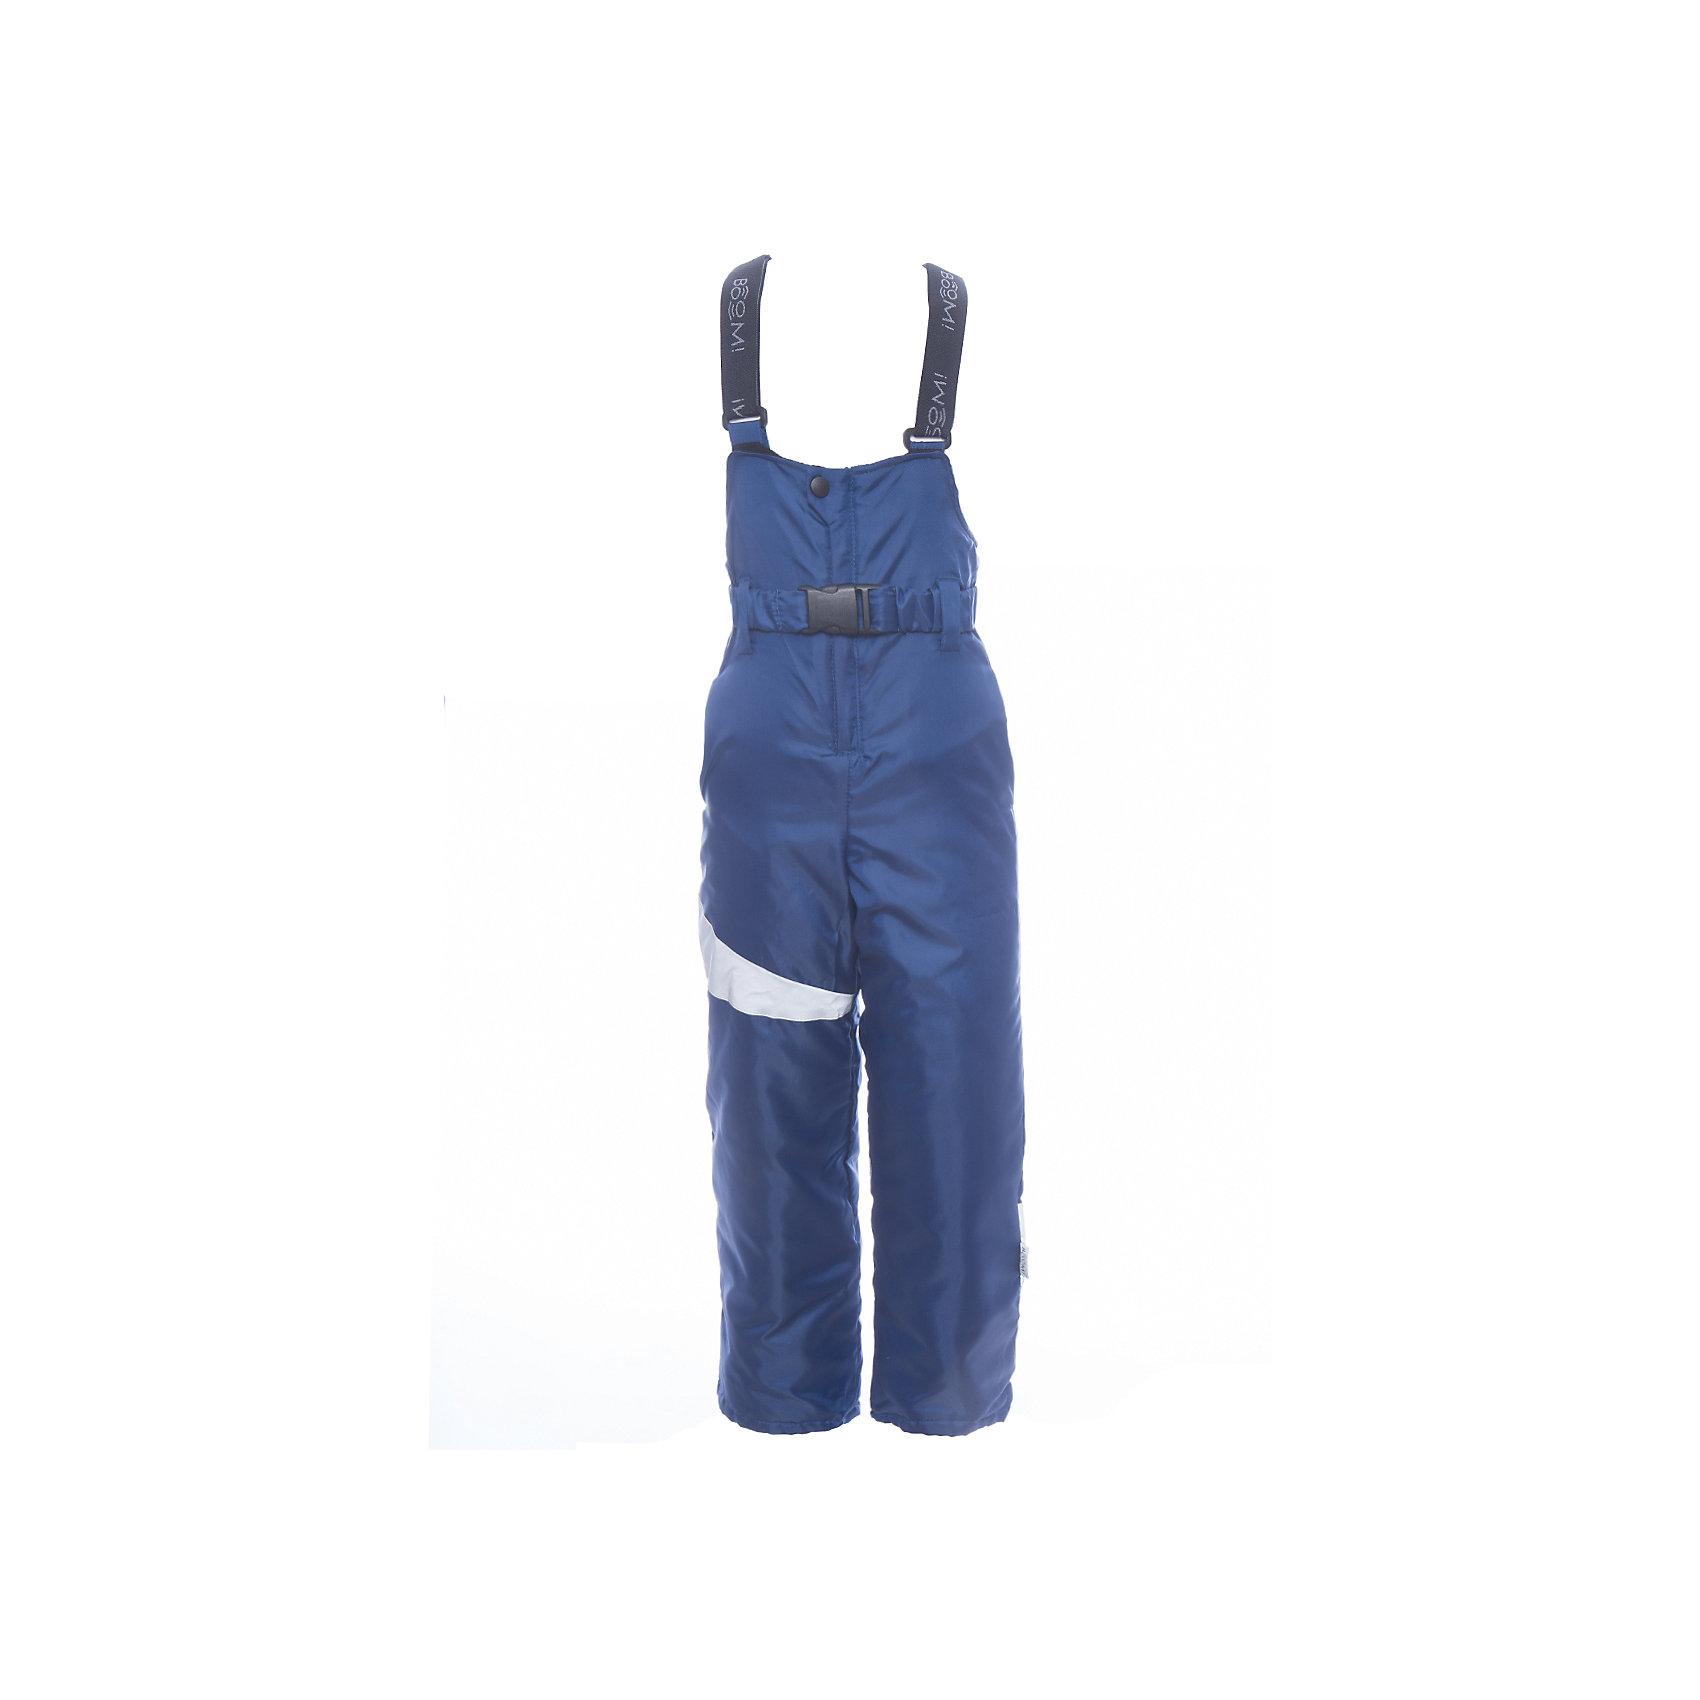 Полукомбинезон BOOM by Orby для мальчикаВерхняя одежда<br>Характеристики товара:<br><br>• цвет: синий<br>• состав ткани: оксфорд pu milky<br>• подкладка: полиэстер пуходержащий<br>• утеплитель: эко синтепон<br>• сезон: зима<br>• температурный режим: от 0 до -30С<br>• плотность утеплителя: 400 г/м2<br>• застежка: молния<br>• страна бренда: Россия<br>• страна изготовитель: Россия<br><br>Синий полукомбинезон для мальчика поможет обеспечить тепло и комфорт. Зимний полукомбинезон легко надевается и снимается. Такой детской полукомбинезон отлично подойдет для зимних холодов - подкладка и наполнитель для зимнего полукомбинезона рассчитаны на морозную погоду. <br><br>Полукомбинезон для мальчика BOOM by Orby (Бум бай Орби) можно купить в нашем интернет-магазине.<br><br>Ширина мм: 215<br>Глубина мм: 88<br>Высота мм: 191<br>Вес г: 336<br>Цвет: синий<br>Возраст от месяцев: 144<br>Возраст до месяцев: 156<br>Пол: Мужской<br>Возраст: Детский<br>Размер: 158,80,86,92,98,104,110,116,122,128,134,140,146,152<br>SKU: 7090939